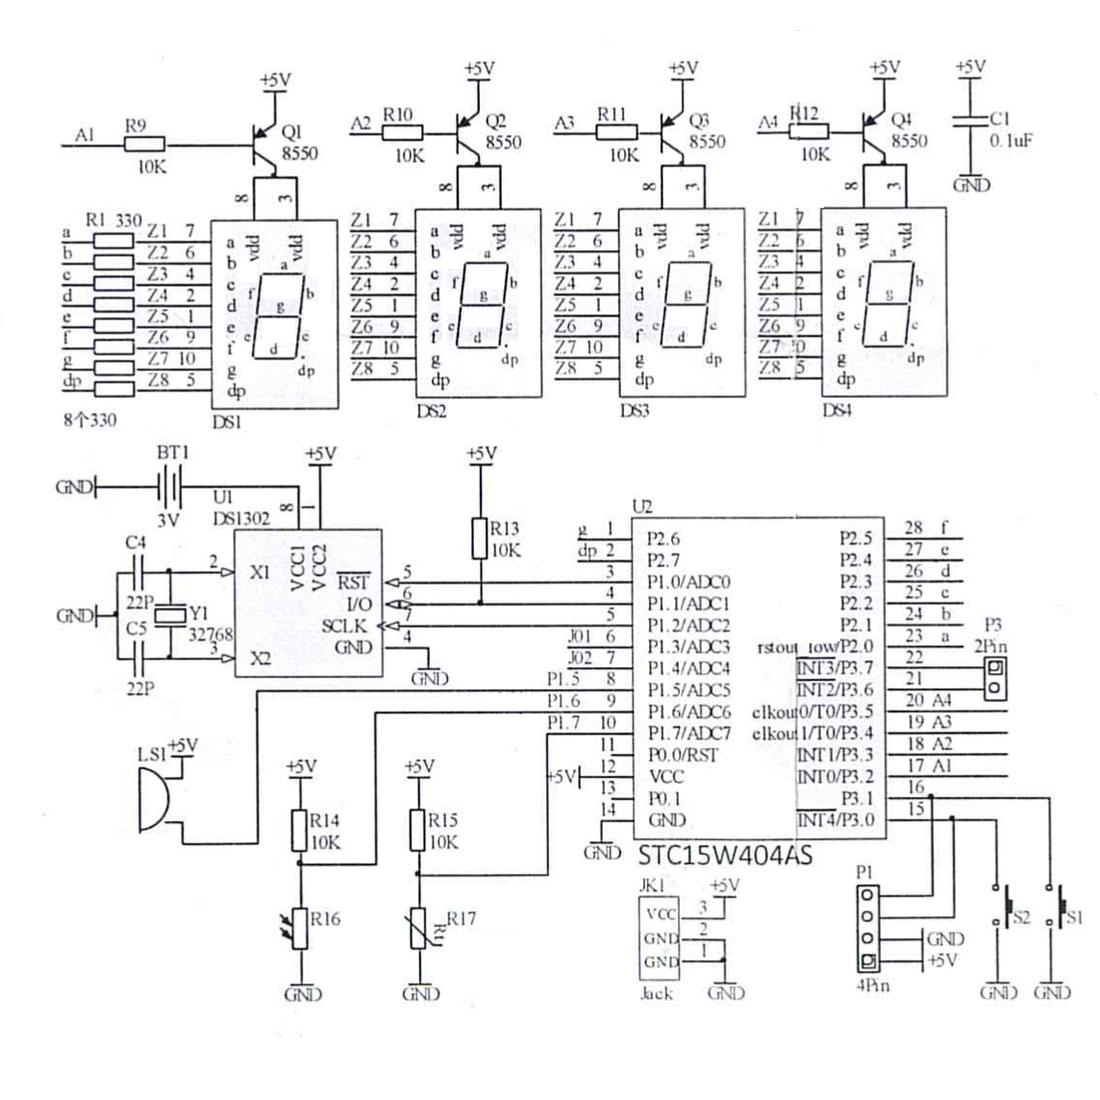 Электрическая схема - NM7039box - Набор радиолюбителя для сборки настольных DIY часов